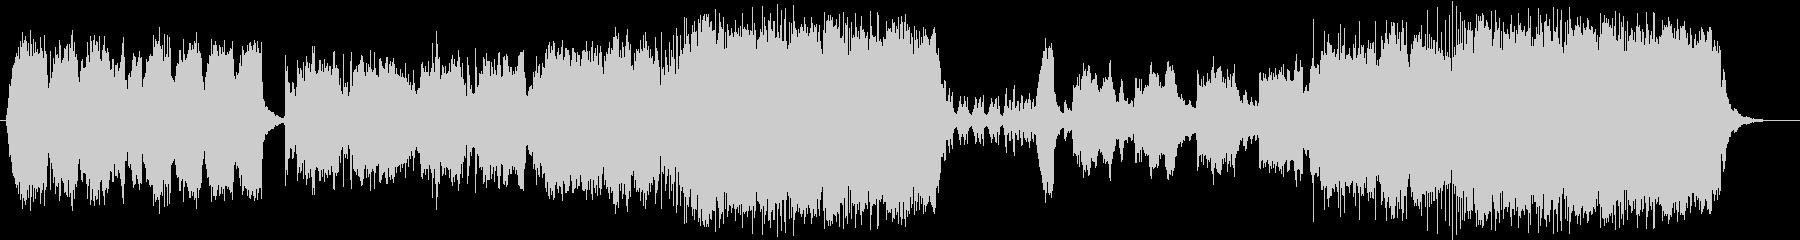 切ないメロディの際立つバラードの未再生の波形